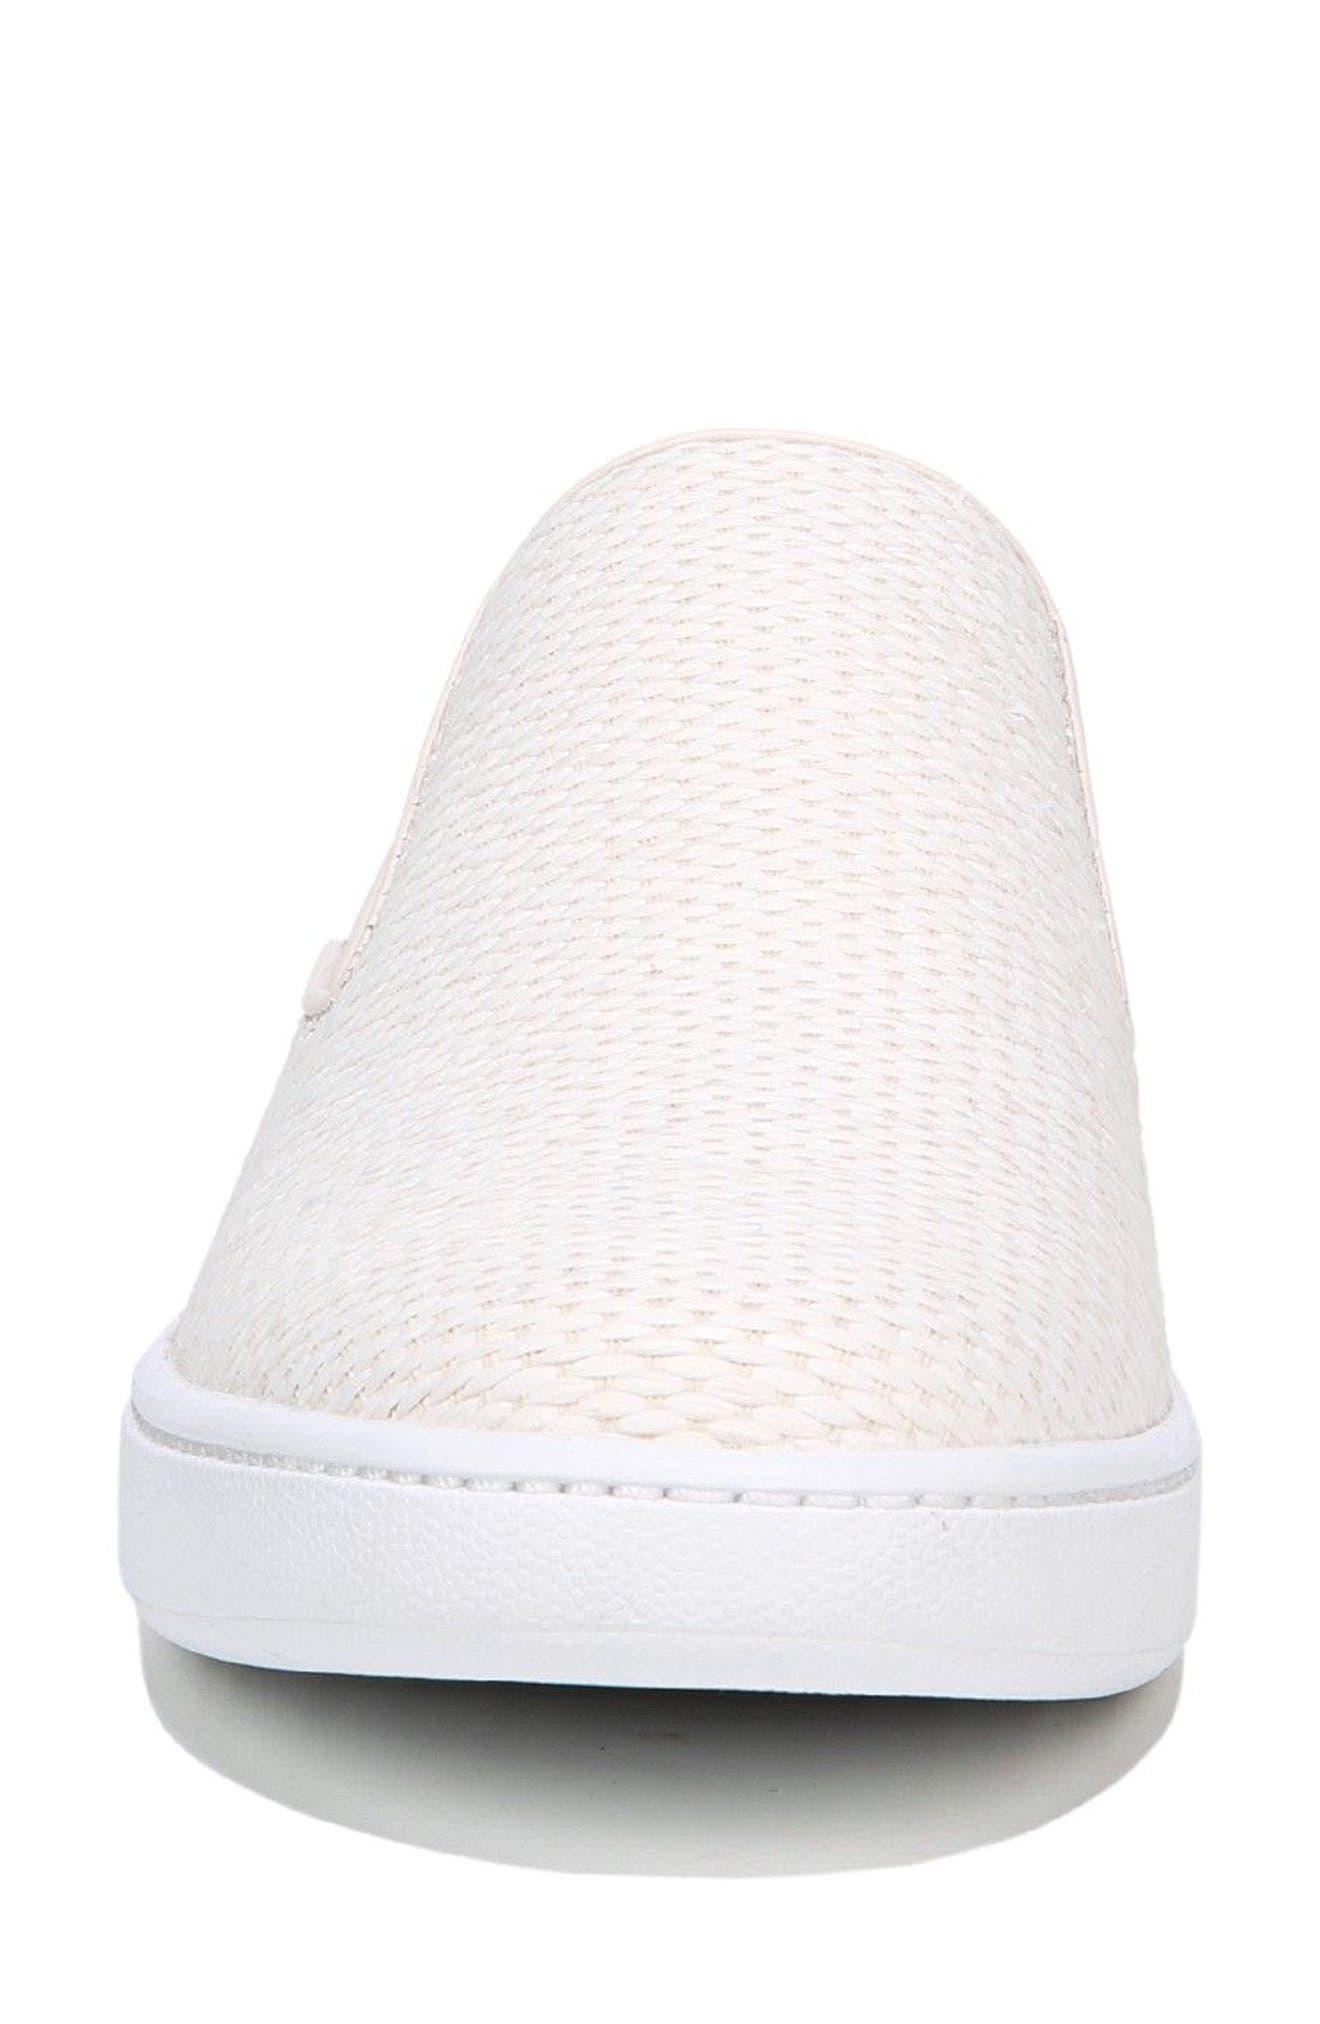 Verrell Slip-On Sneaker,                             Alternate thumbnail 33, color,